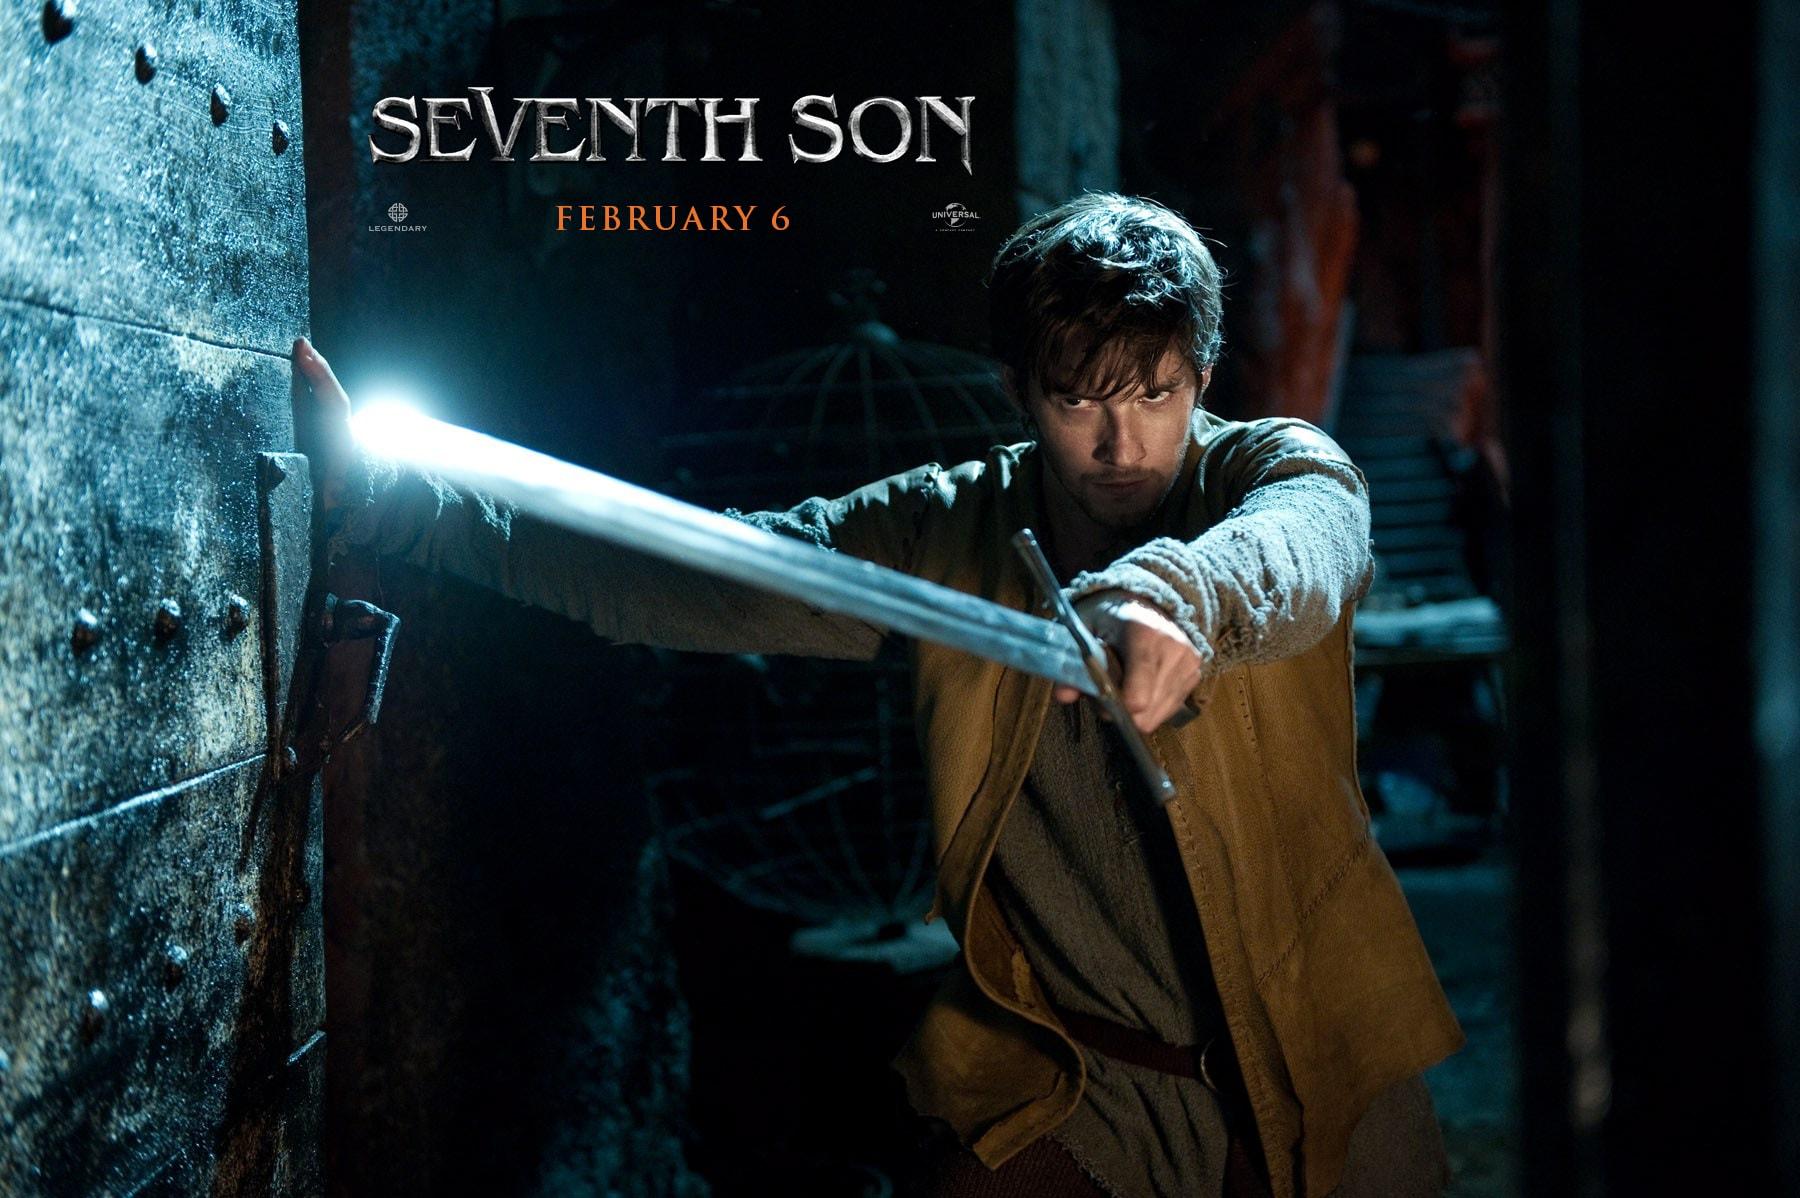 Seventh Son widescreen